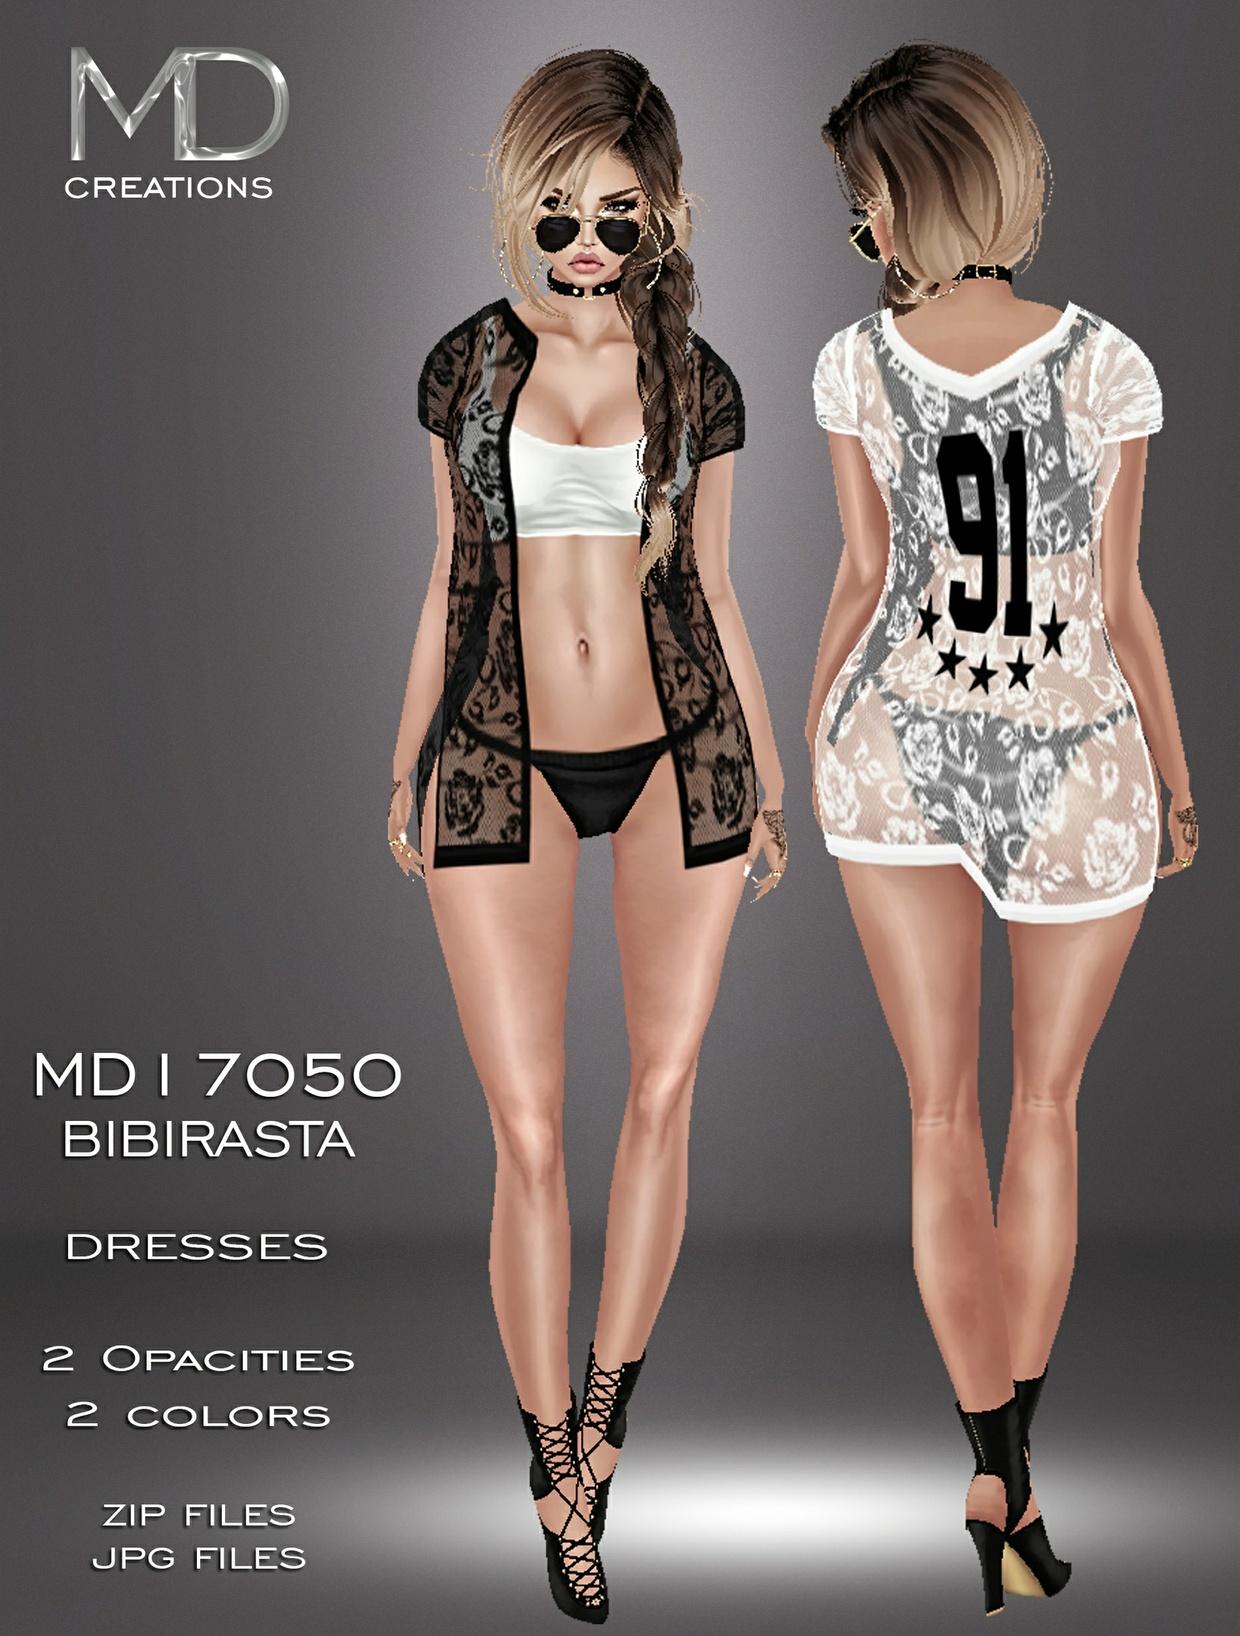 MD17050 - Bibirasta